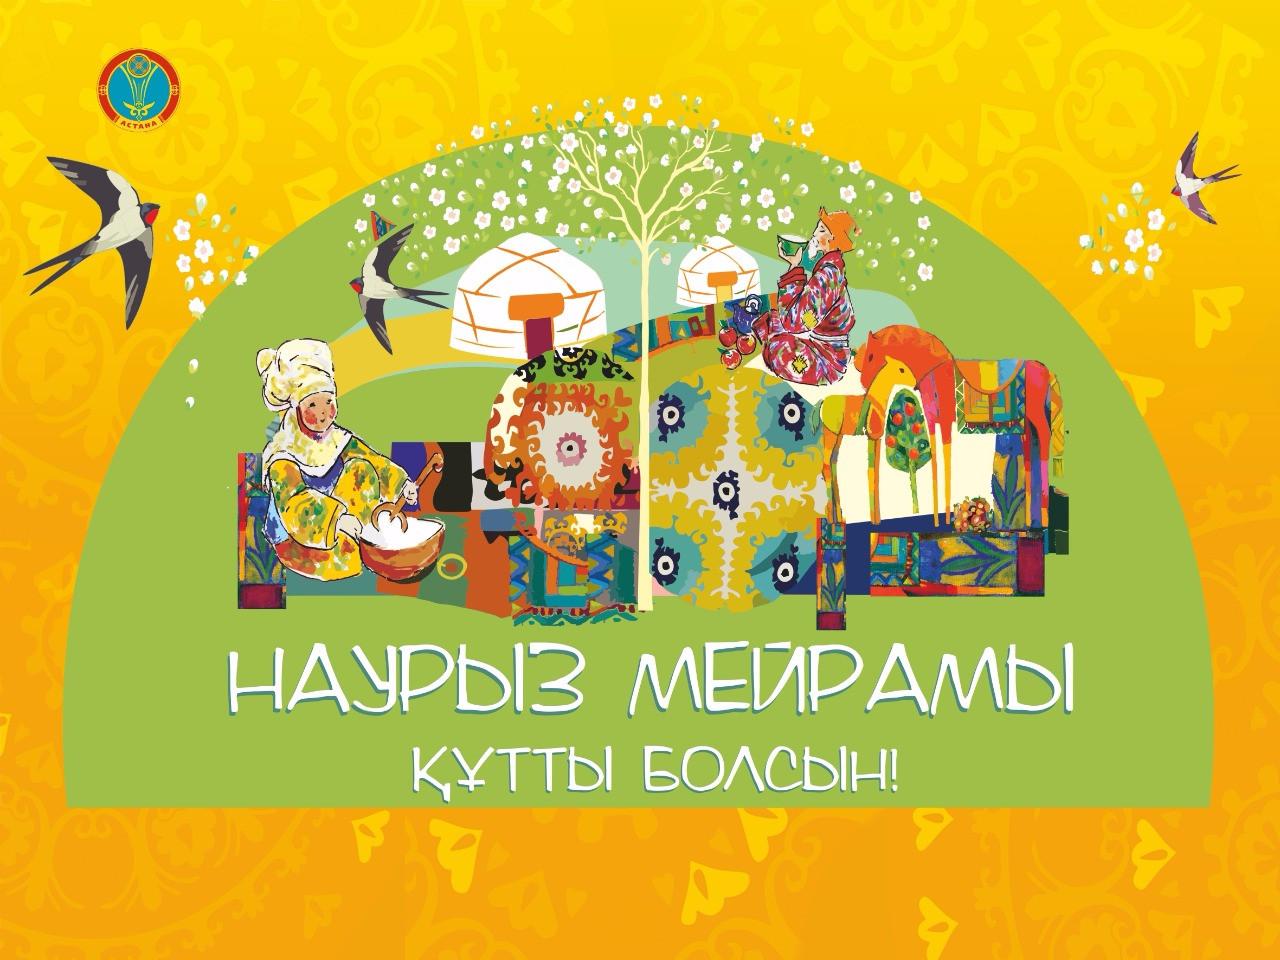 Жители столицы Казахстана останутся астанчанами – аким